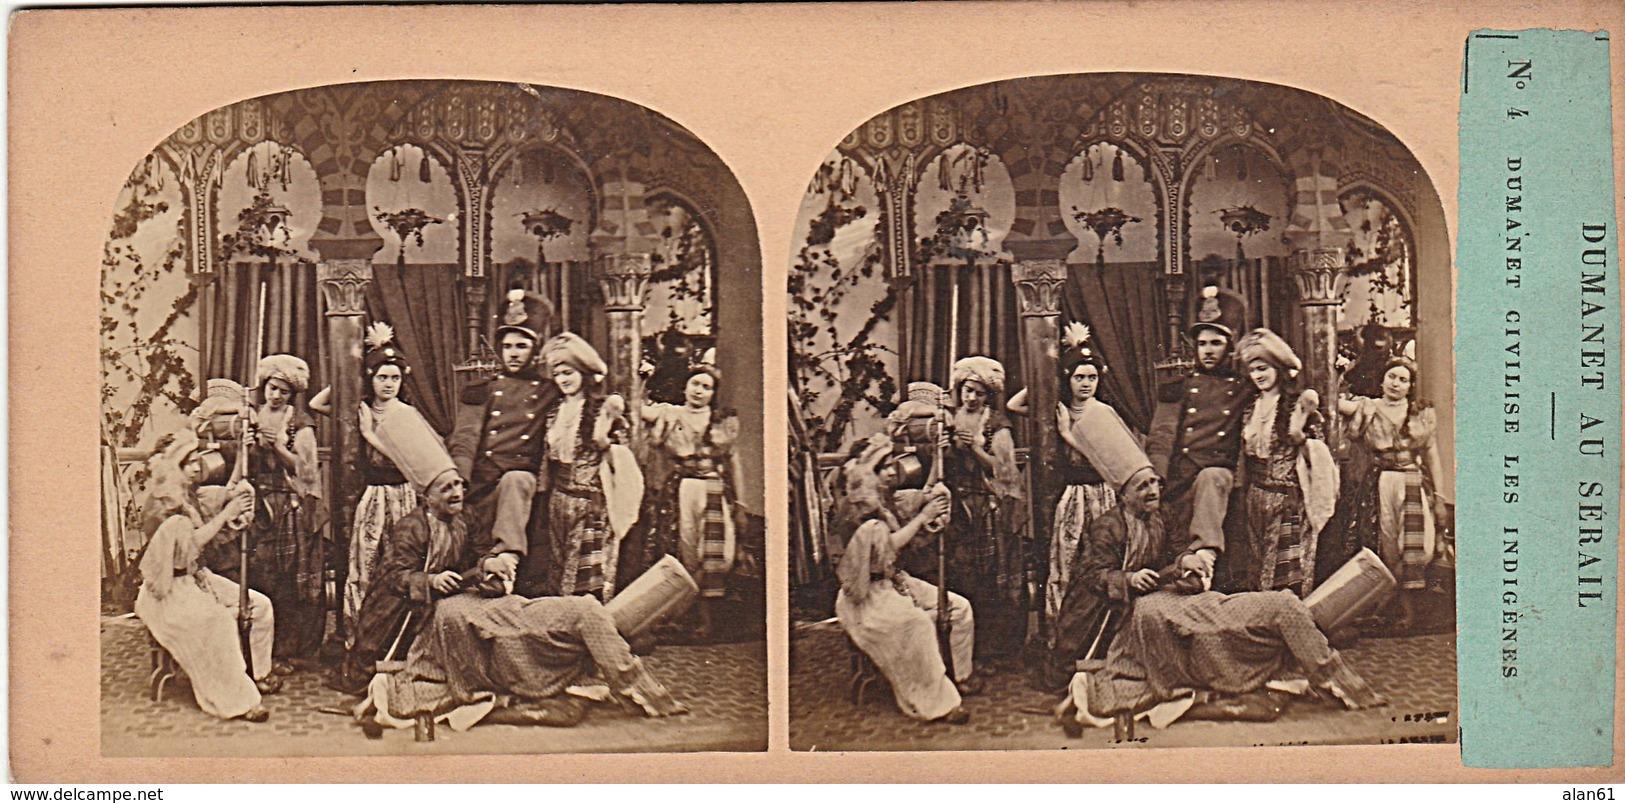 PHOTO STEREO 19 Eme DUMANET AU SERAIL DUMANET CIVILISE LES INDIGENES  N° 4 Humour épisode De La Guerre D' Alger - Fotos Estereoscópicas